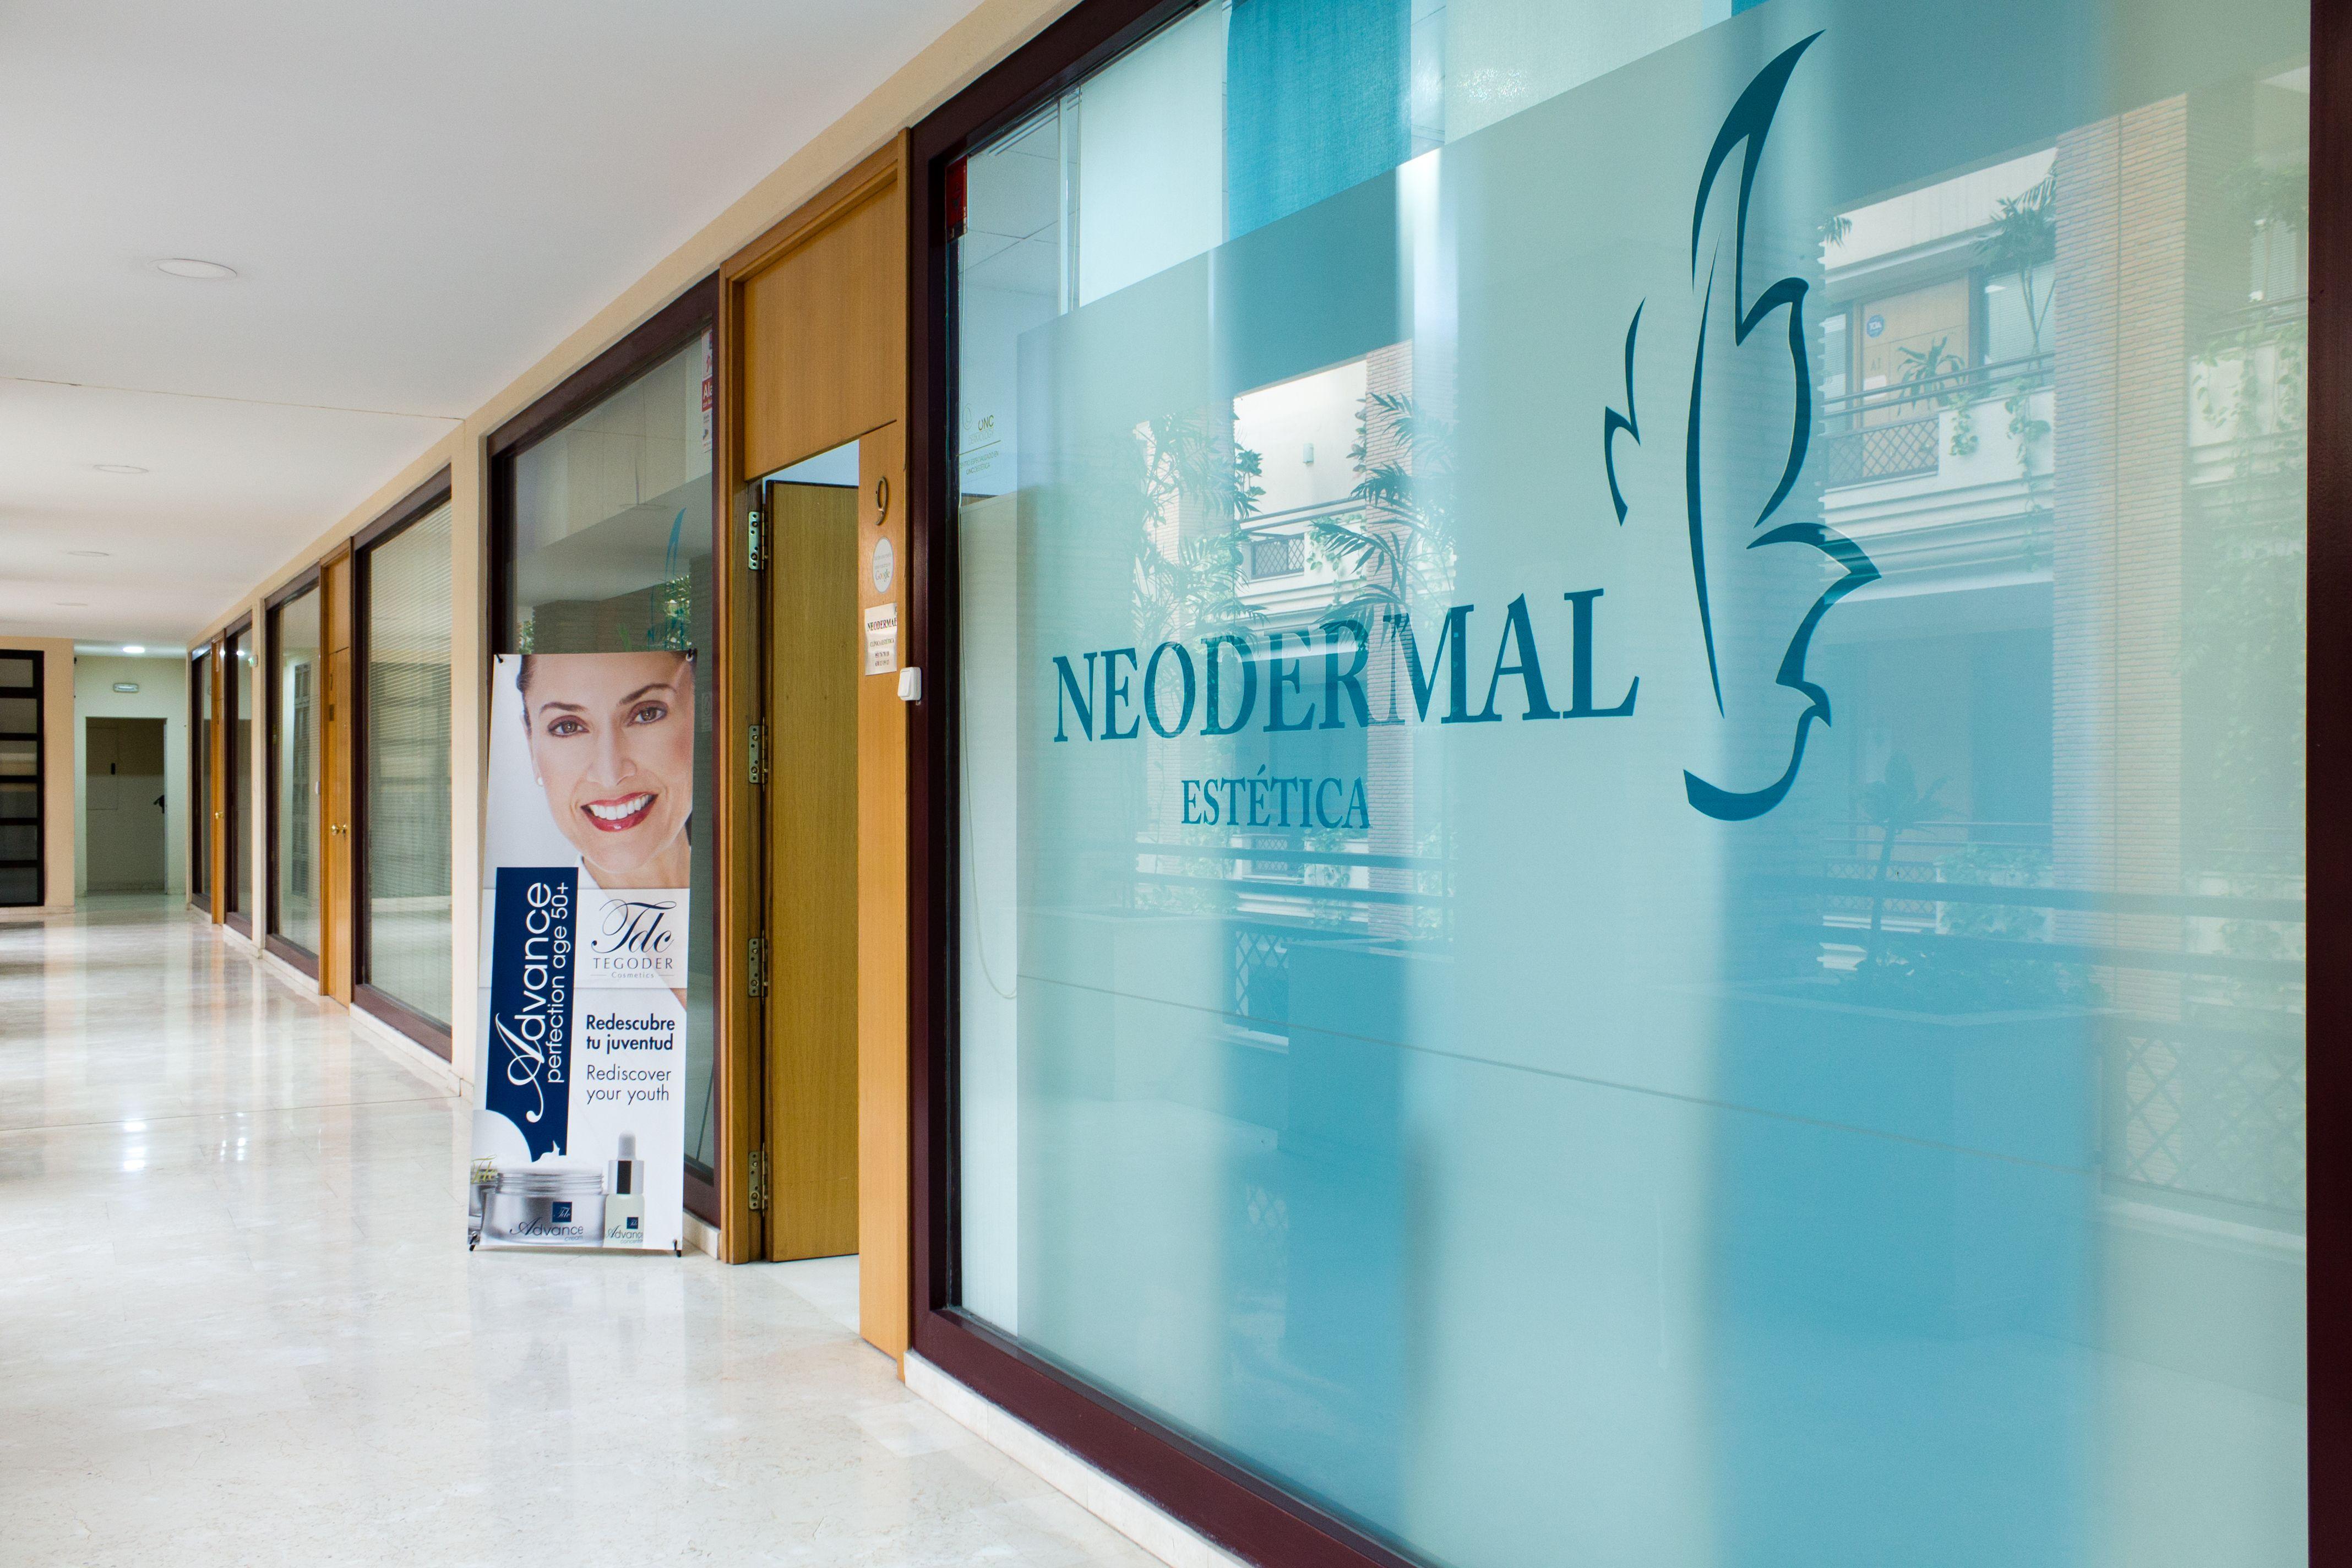 Centro médico estético en Málaga